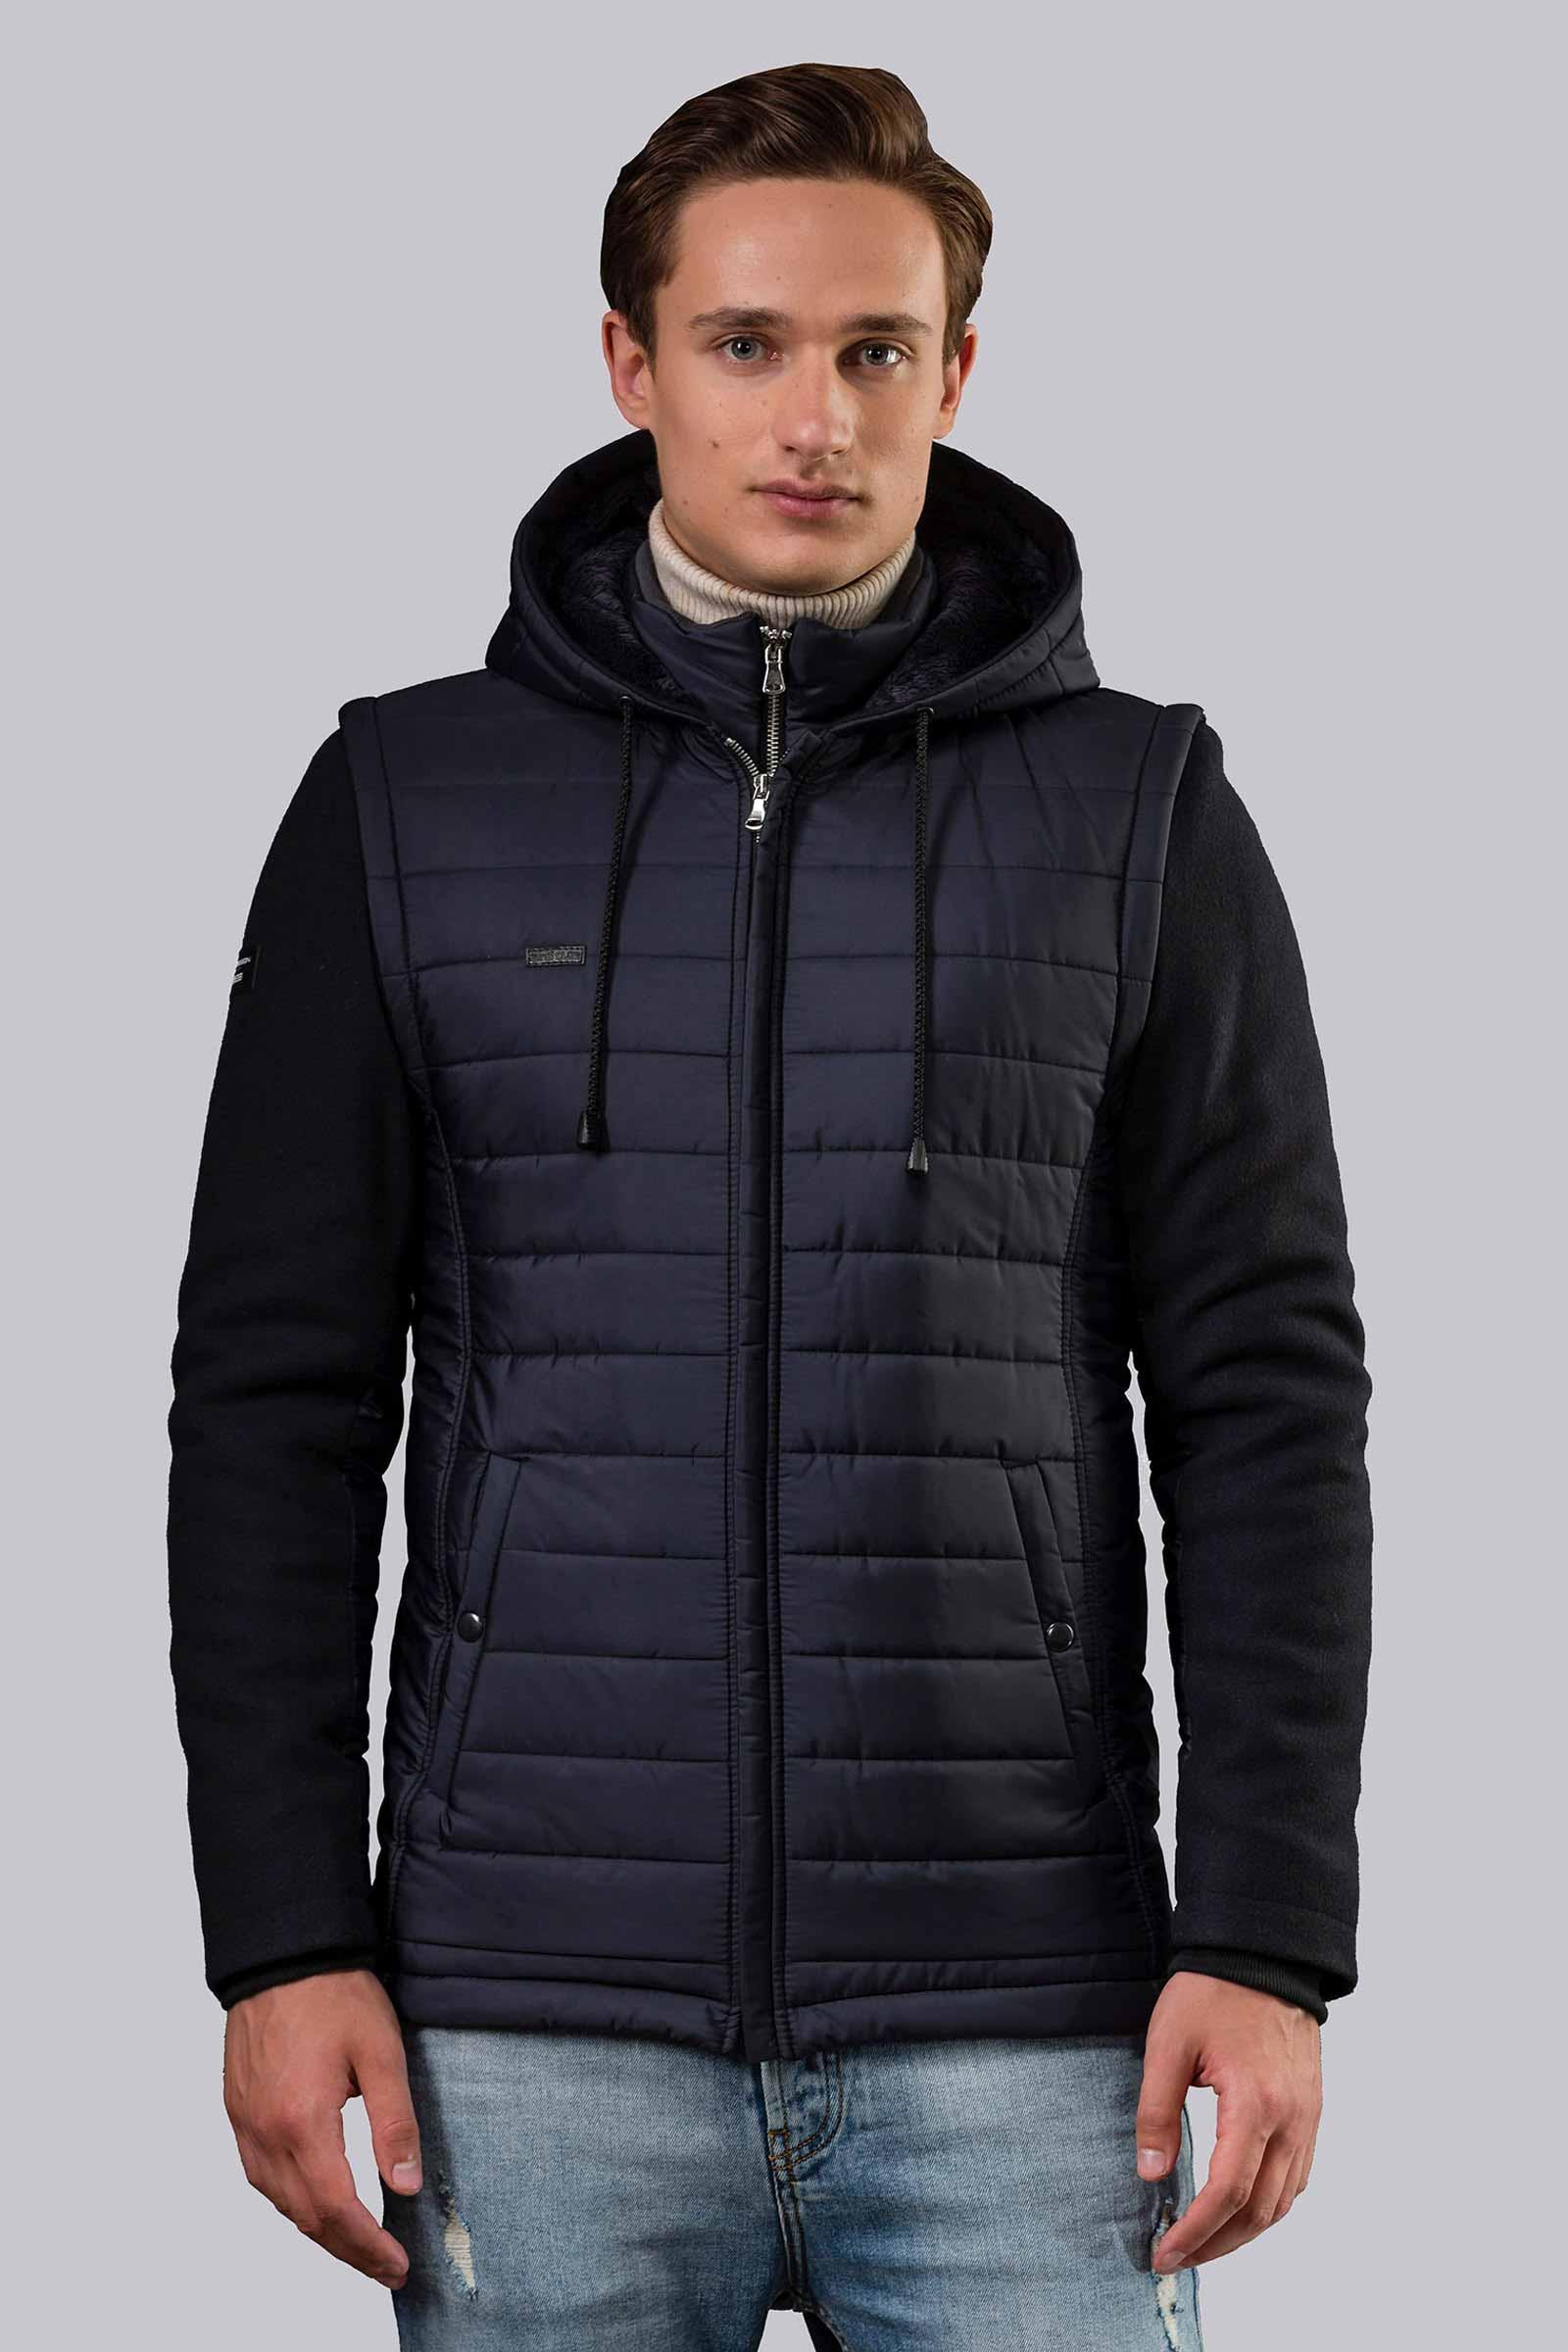 Зимняя куртка мужская распродажа